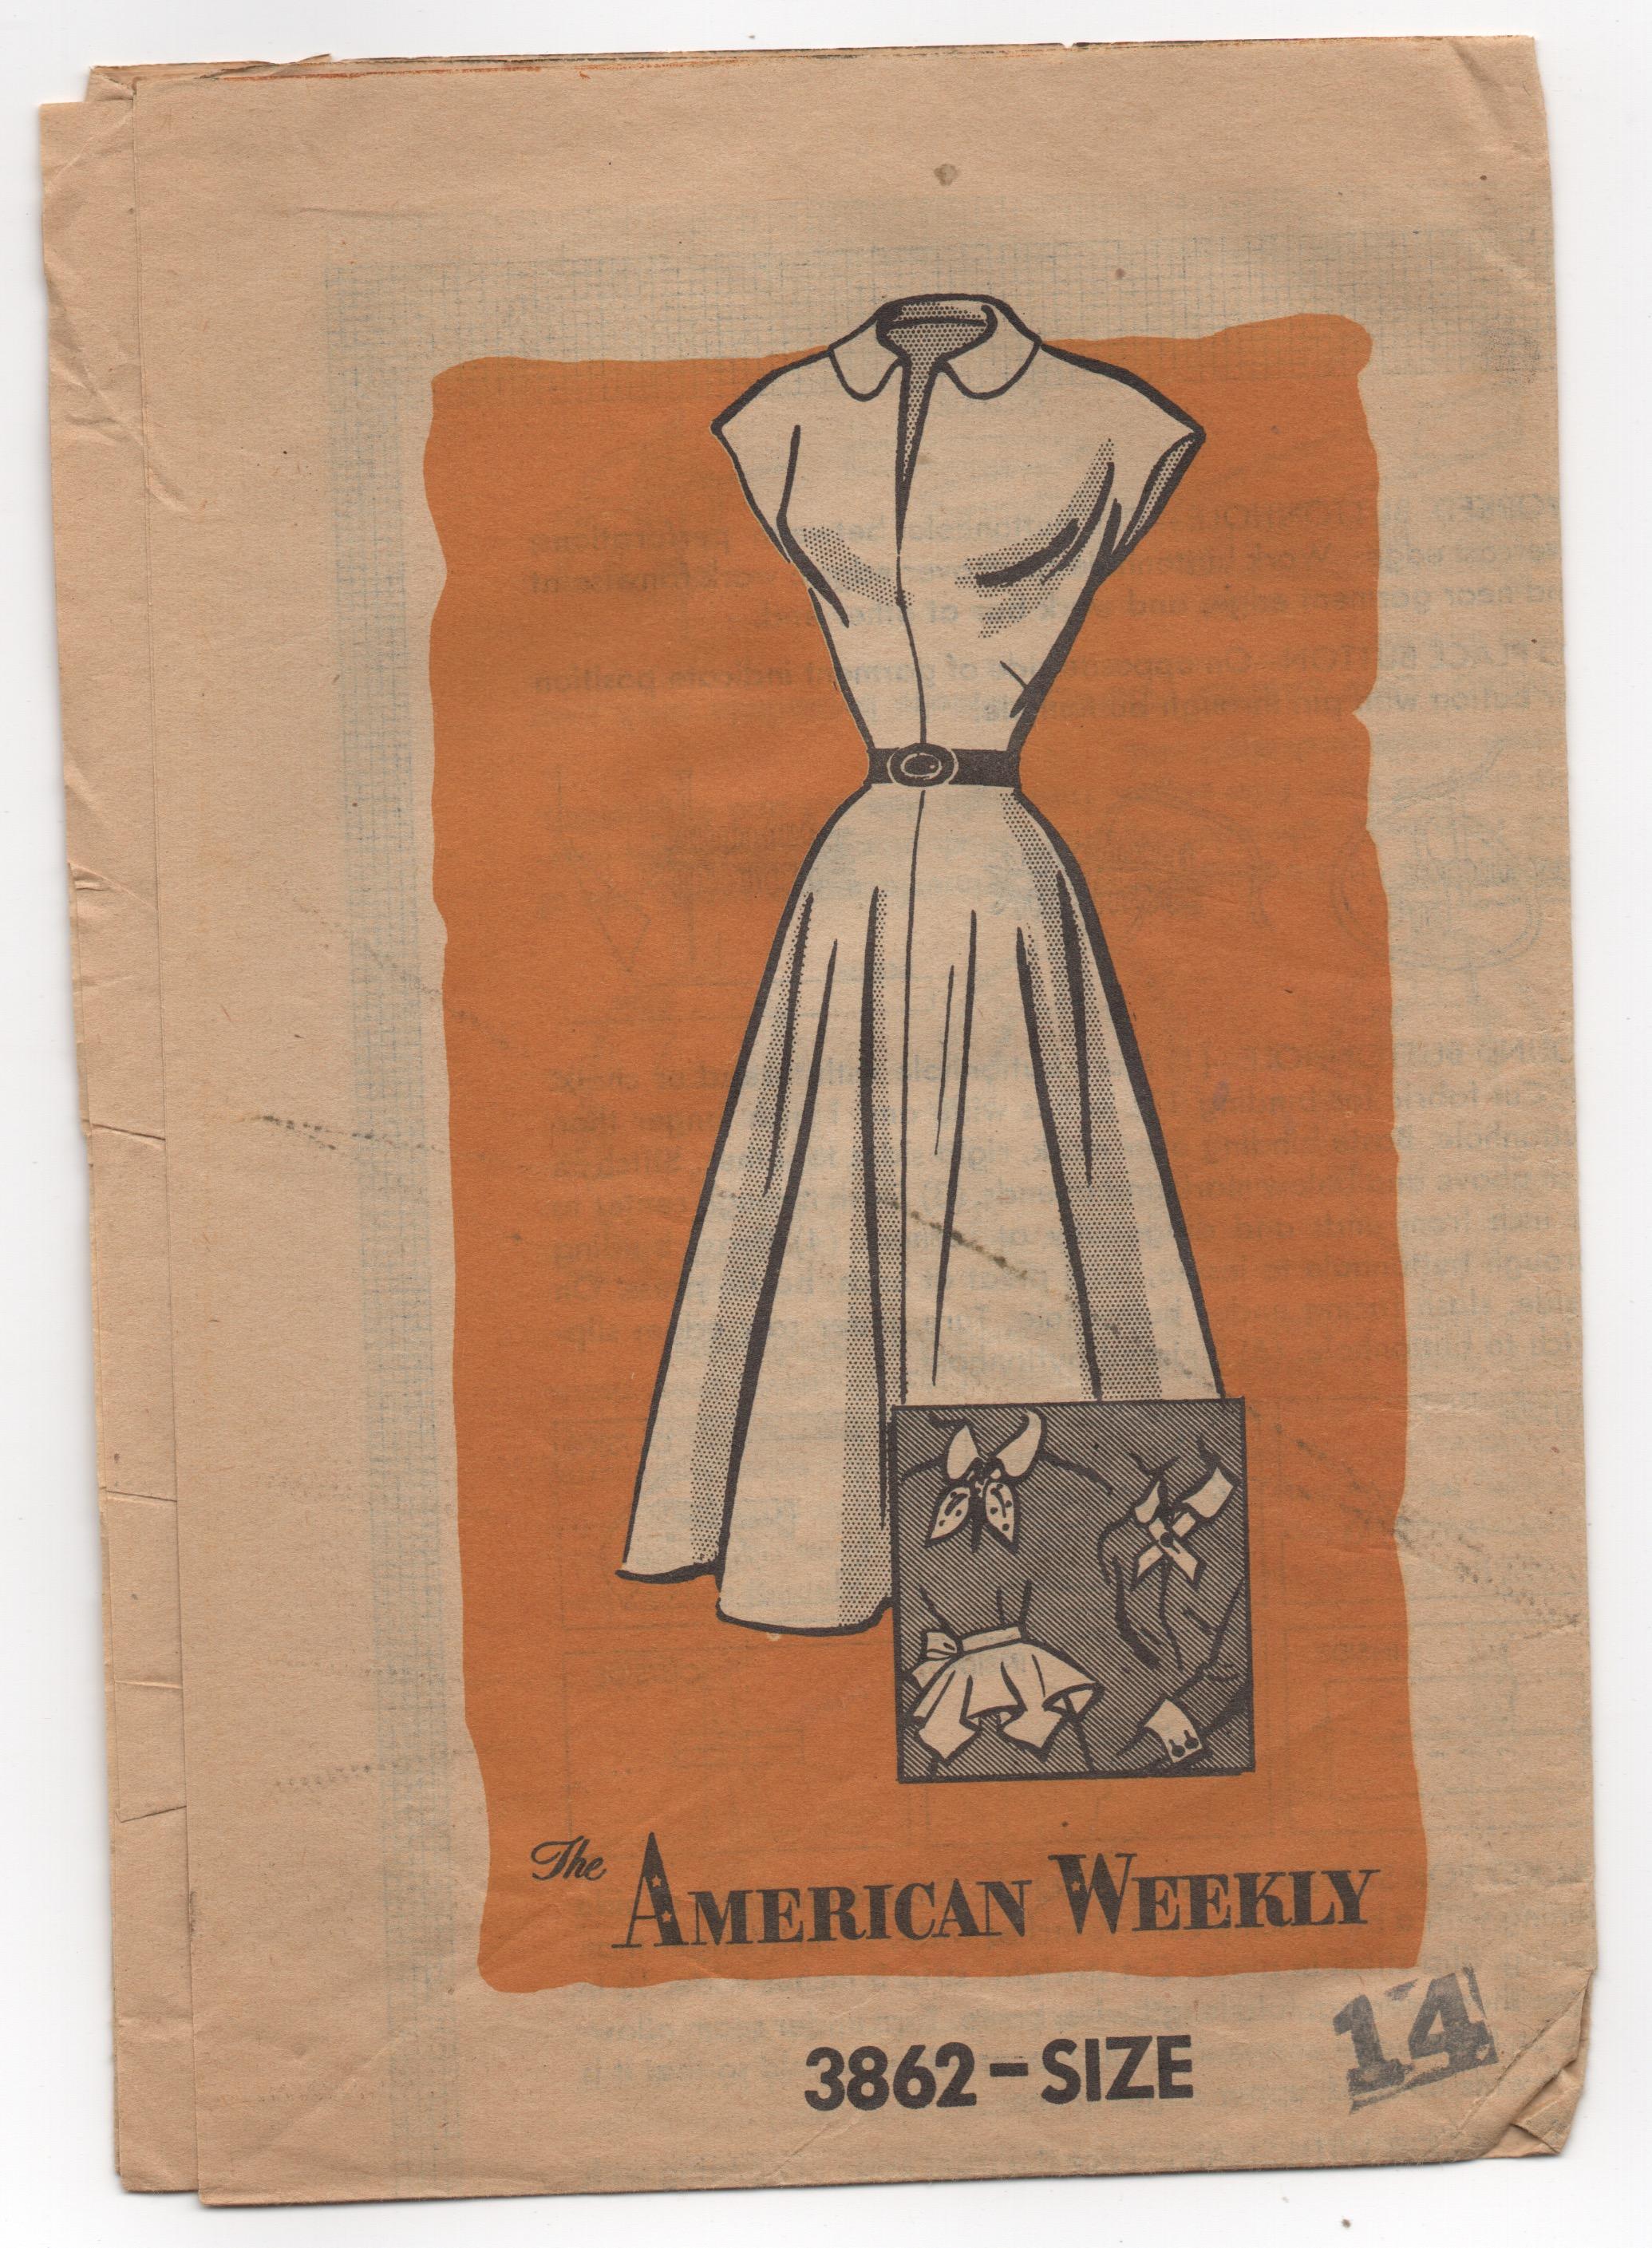 American Weekly 3862